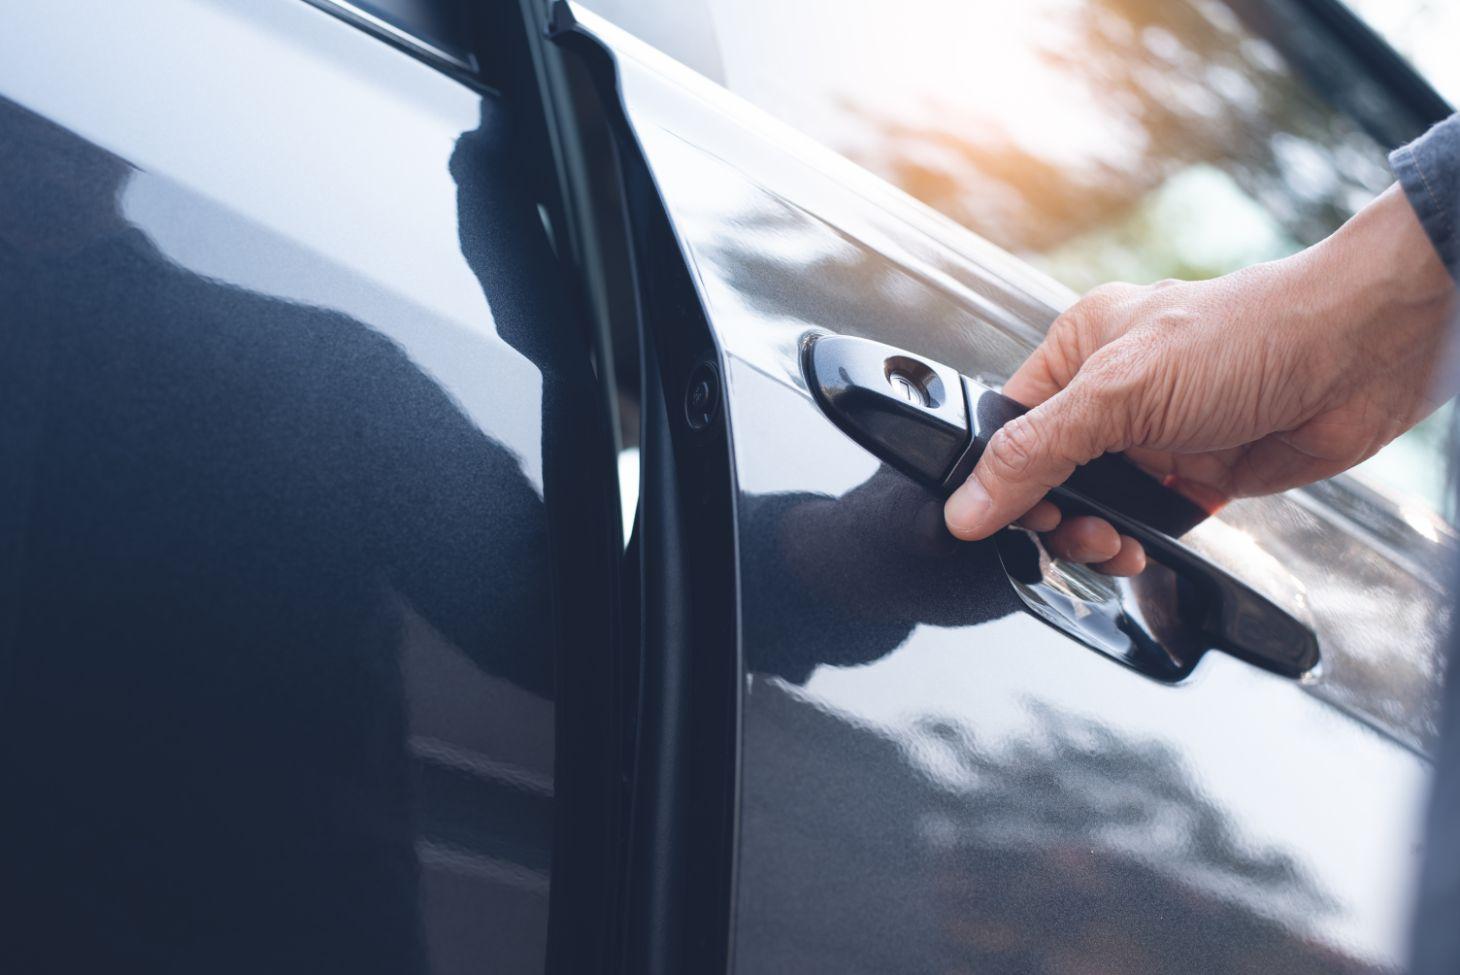 fechar porta do carro mao macaneta carro preto shutterstock